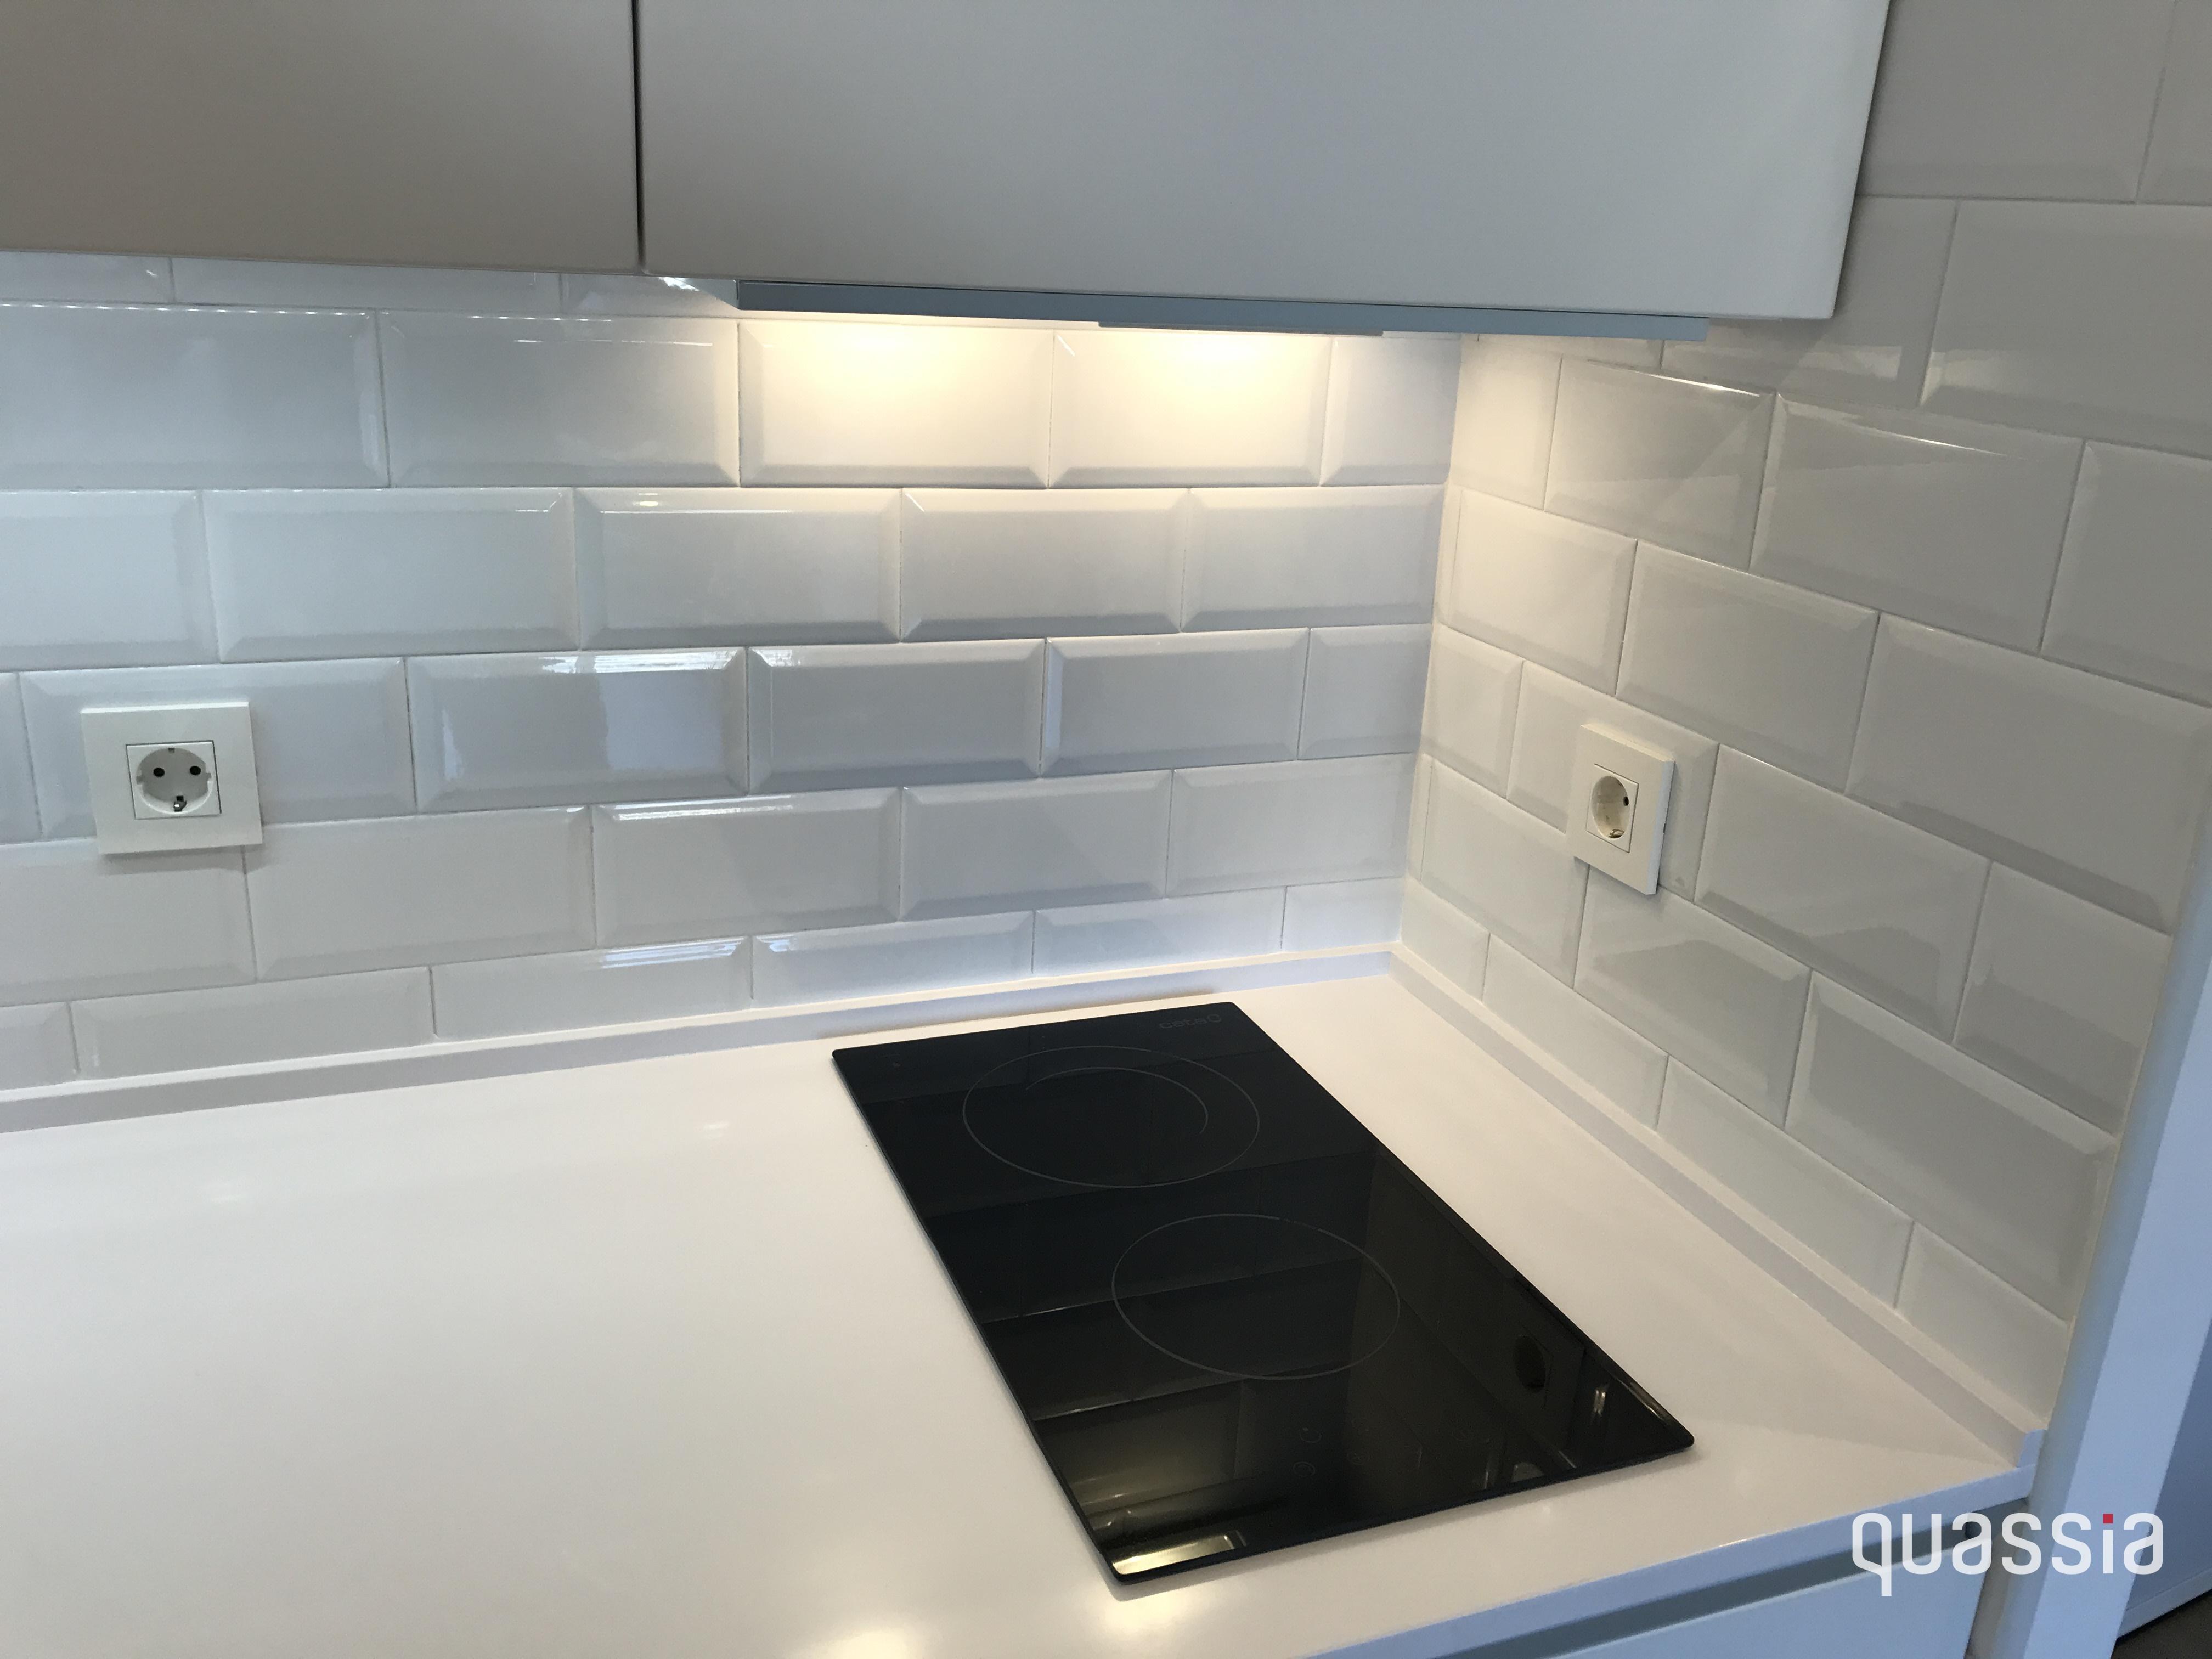 Reforma apartamento Fuengirola por Quassia (2)